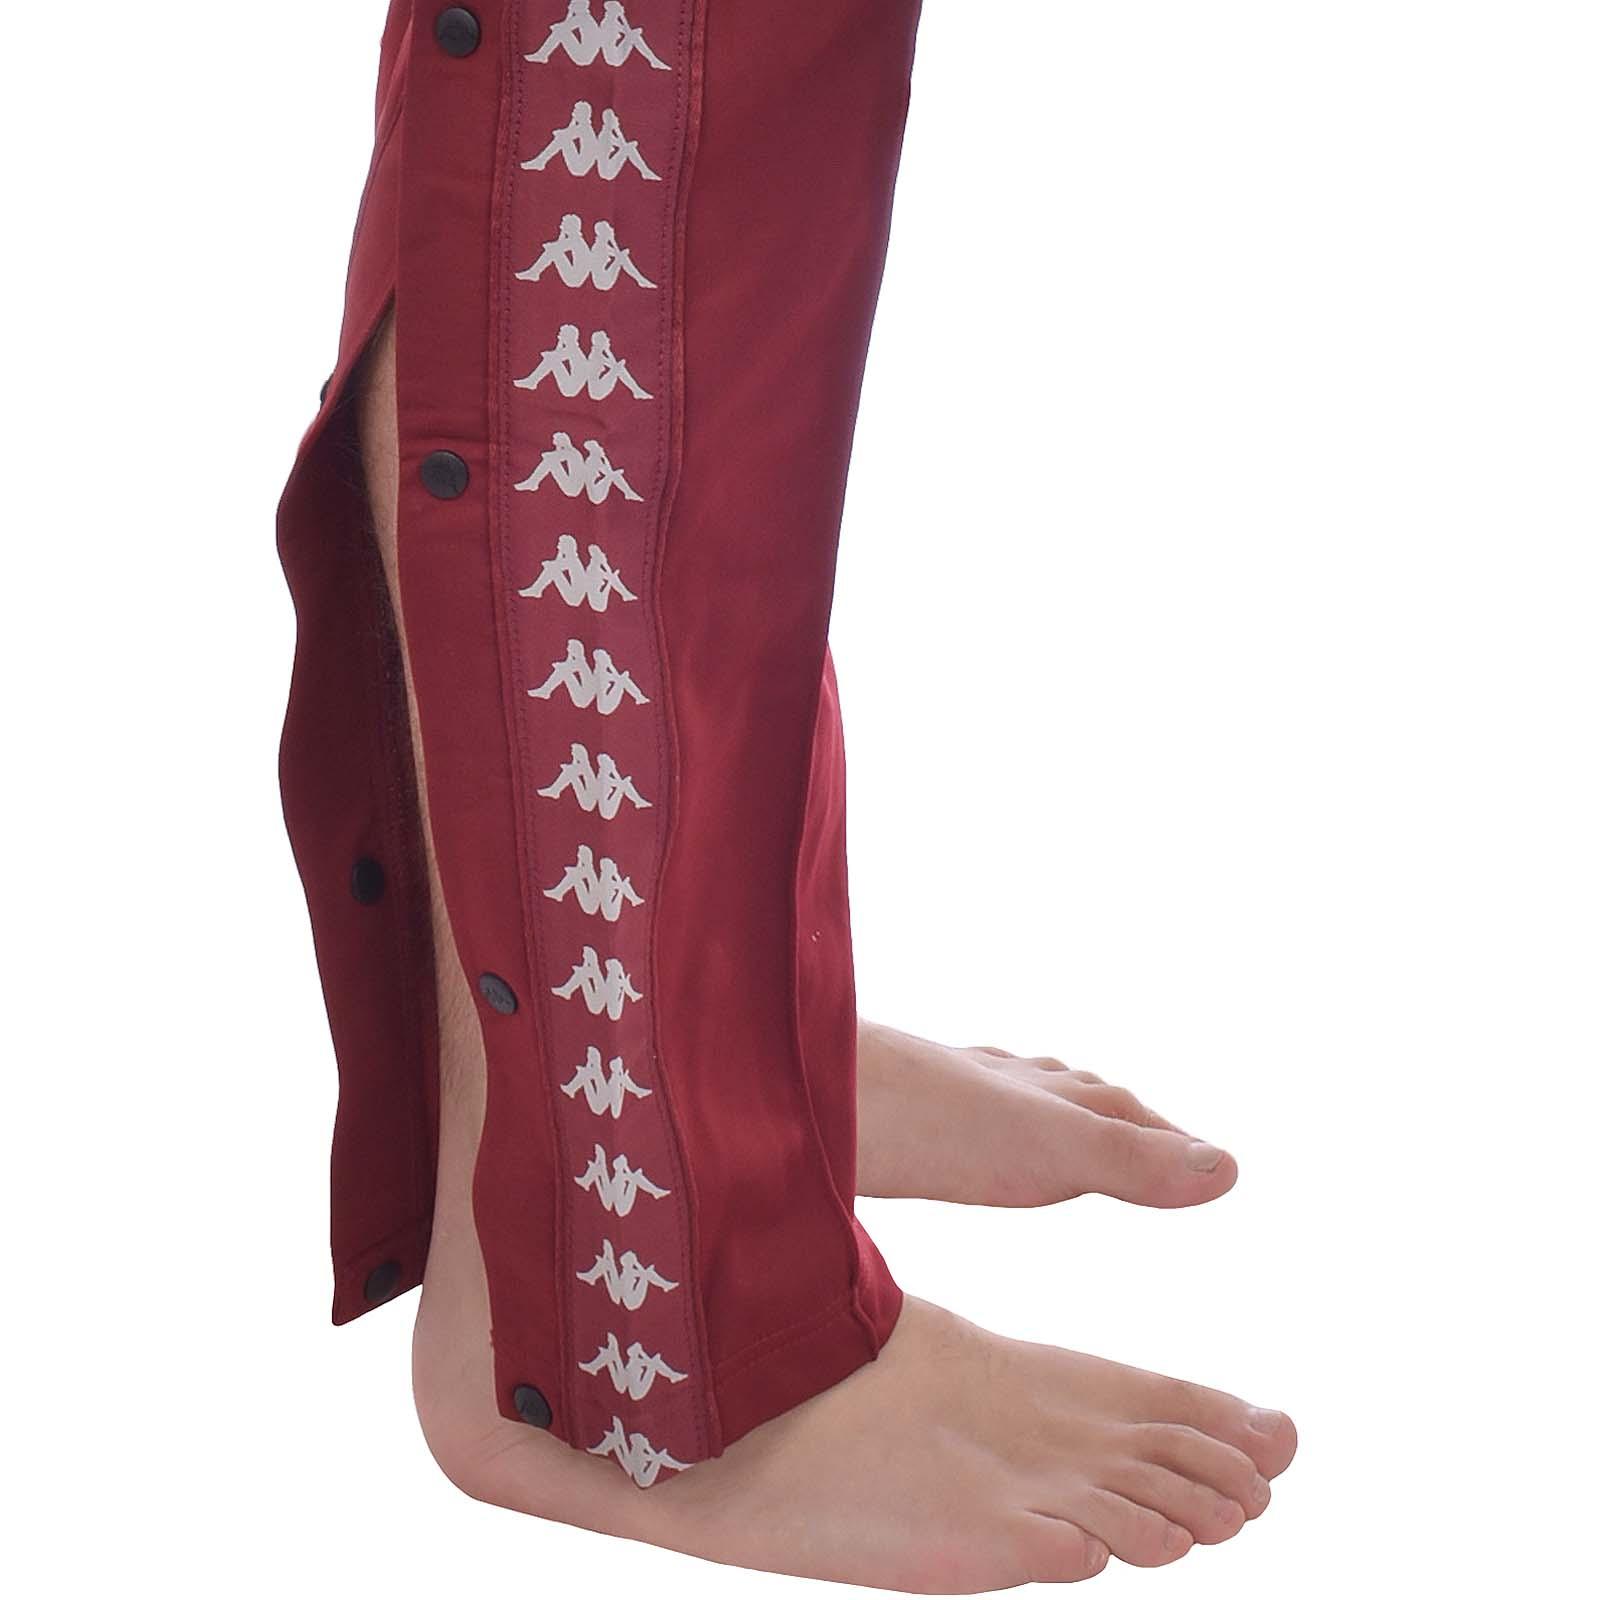 Detalles de 222 para hombre Kappa BANDA ASTORIA broches de presión ajustado Casual Retro poppers Chándal Pantalones ver título original